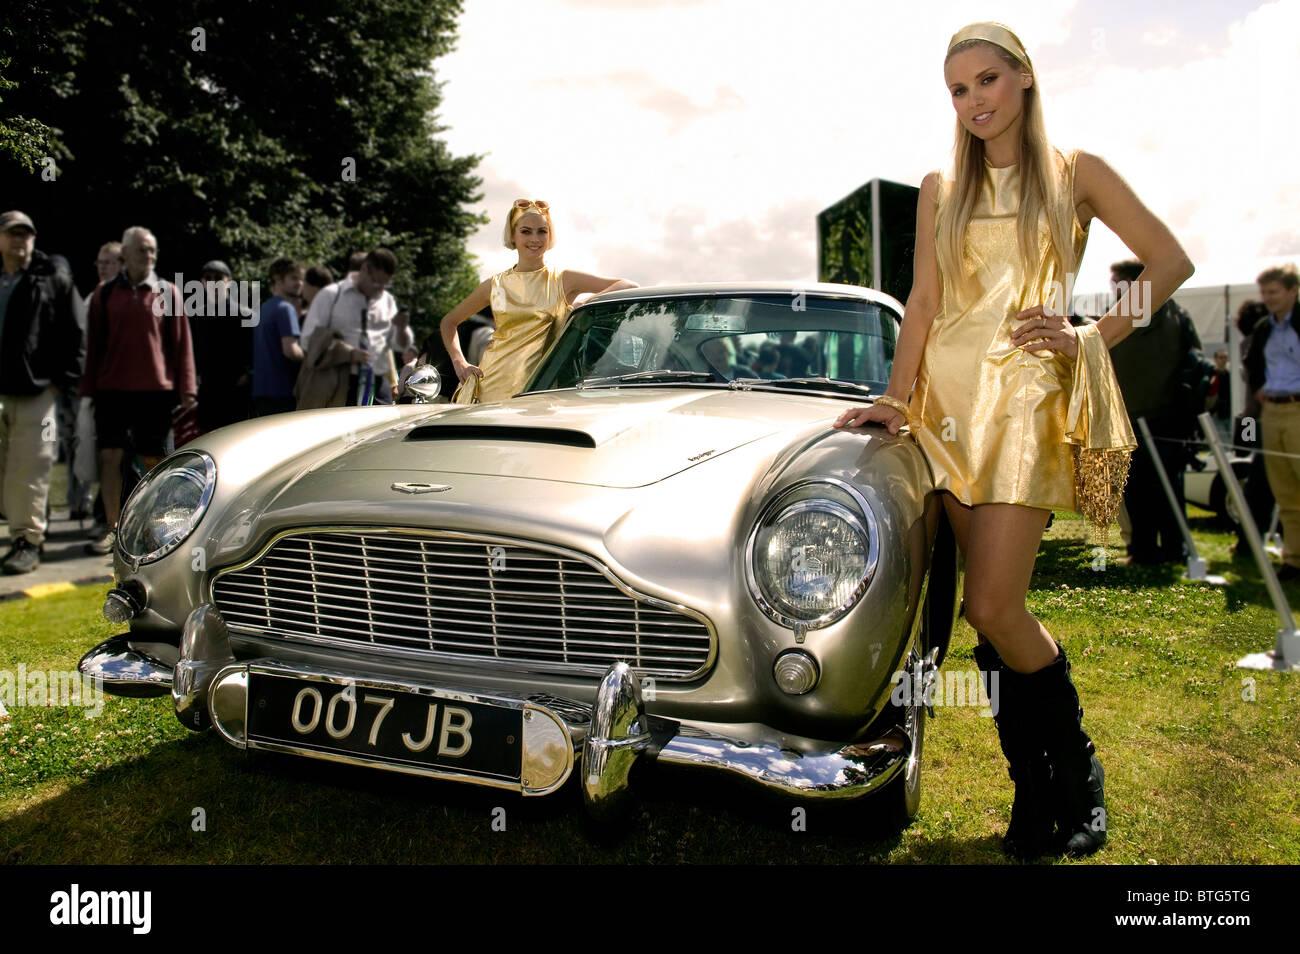 James Bond 007 Aston Martin DB5 Photo Stock